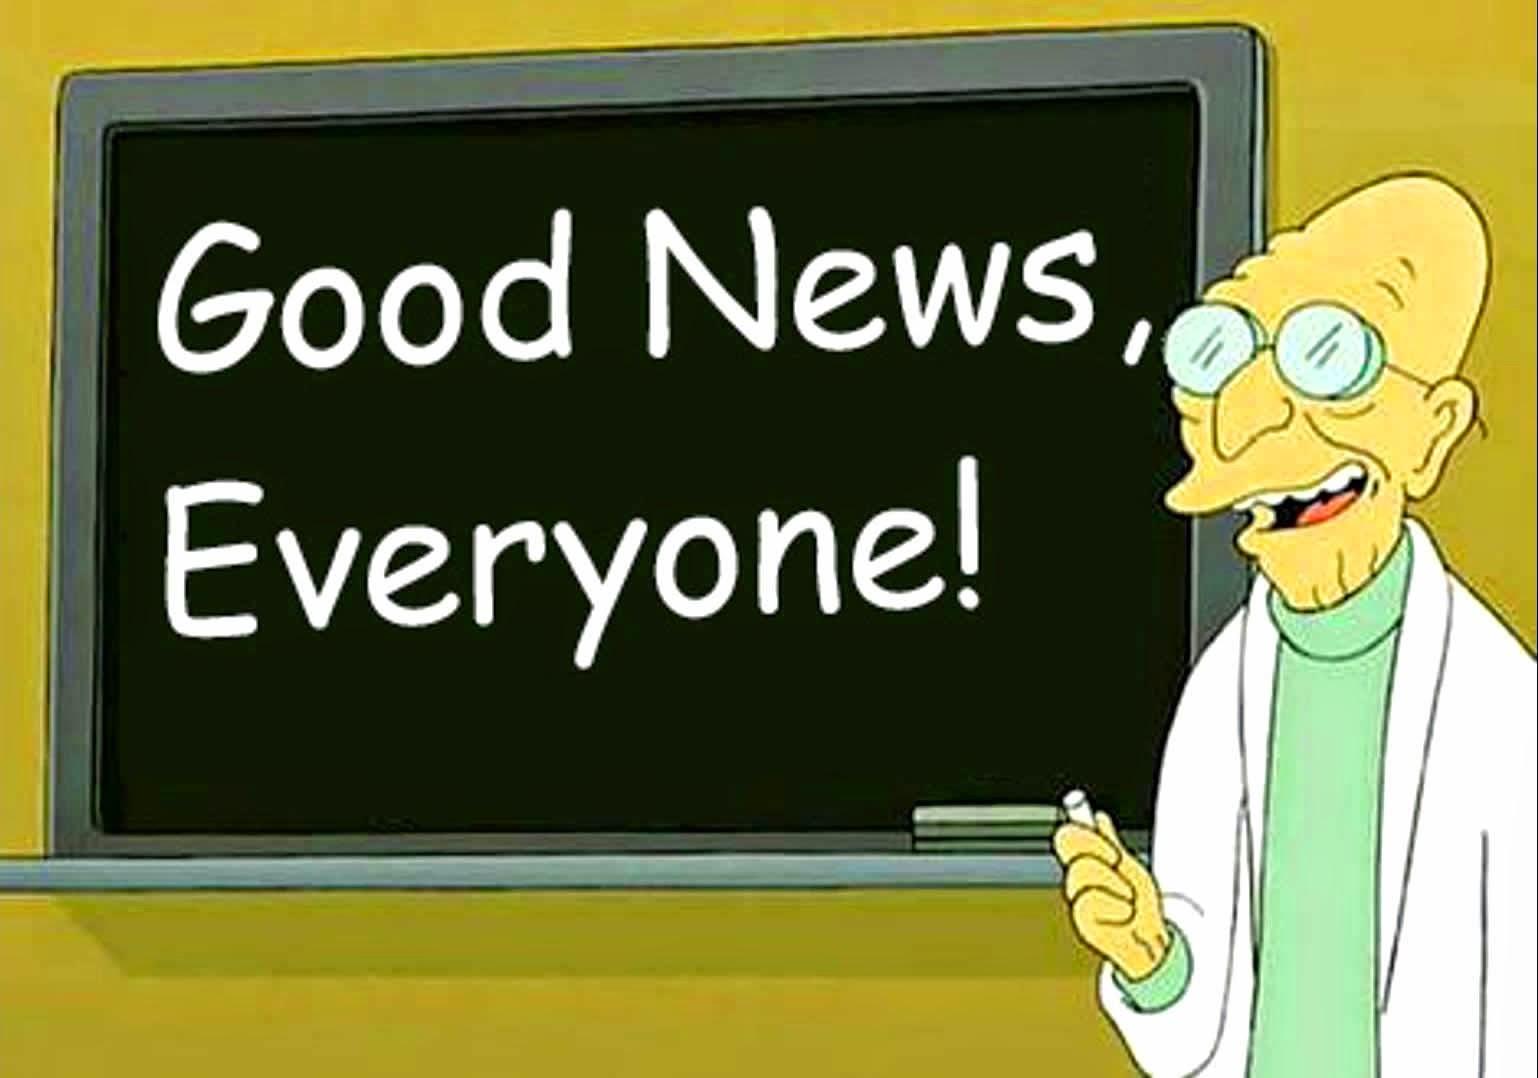 futurama-meme-good-news-everyone-picture